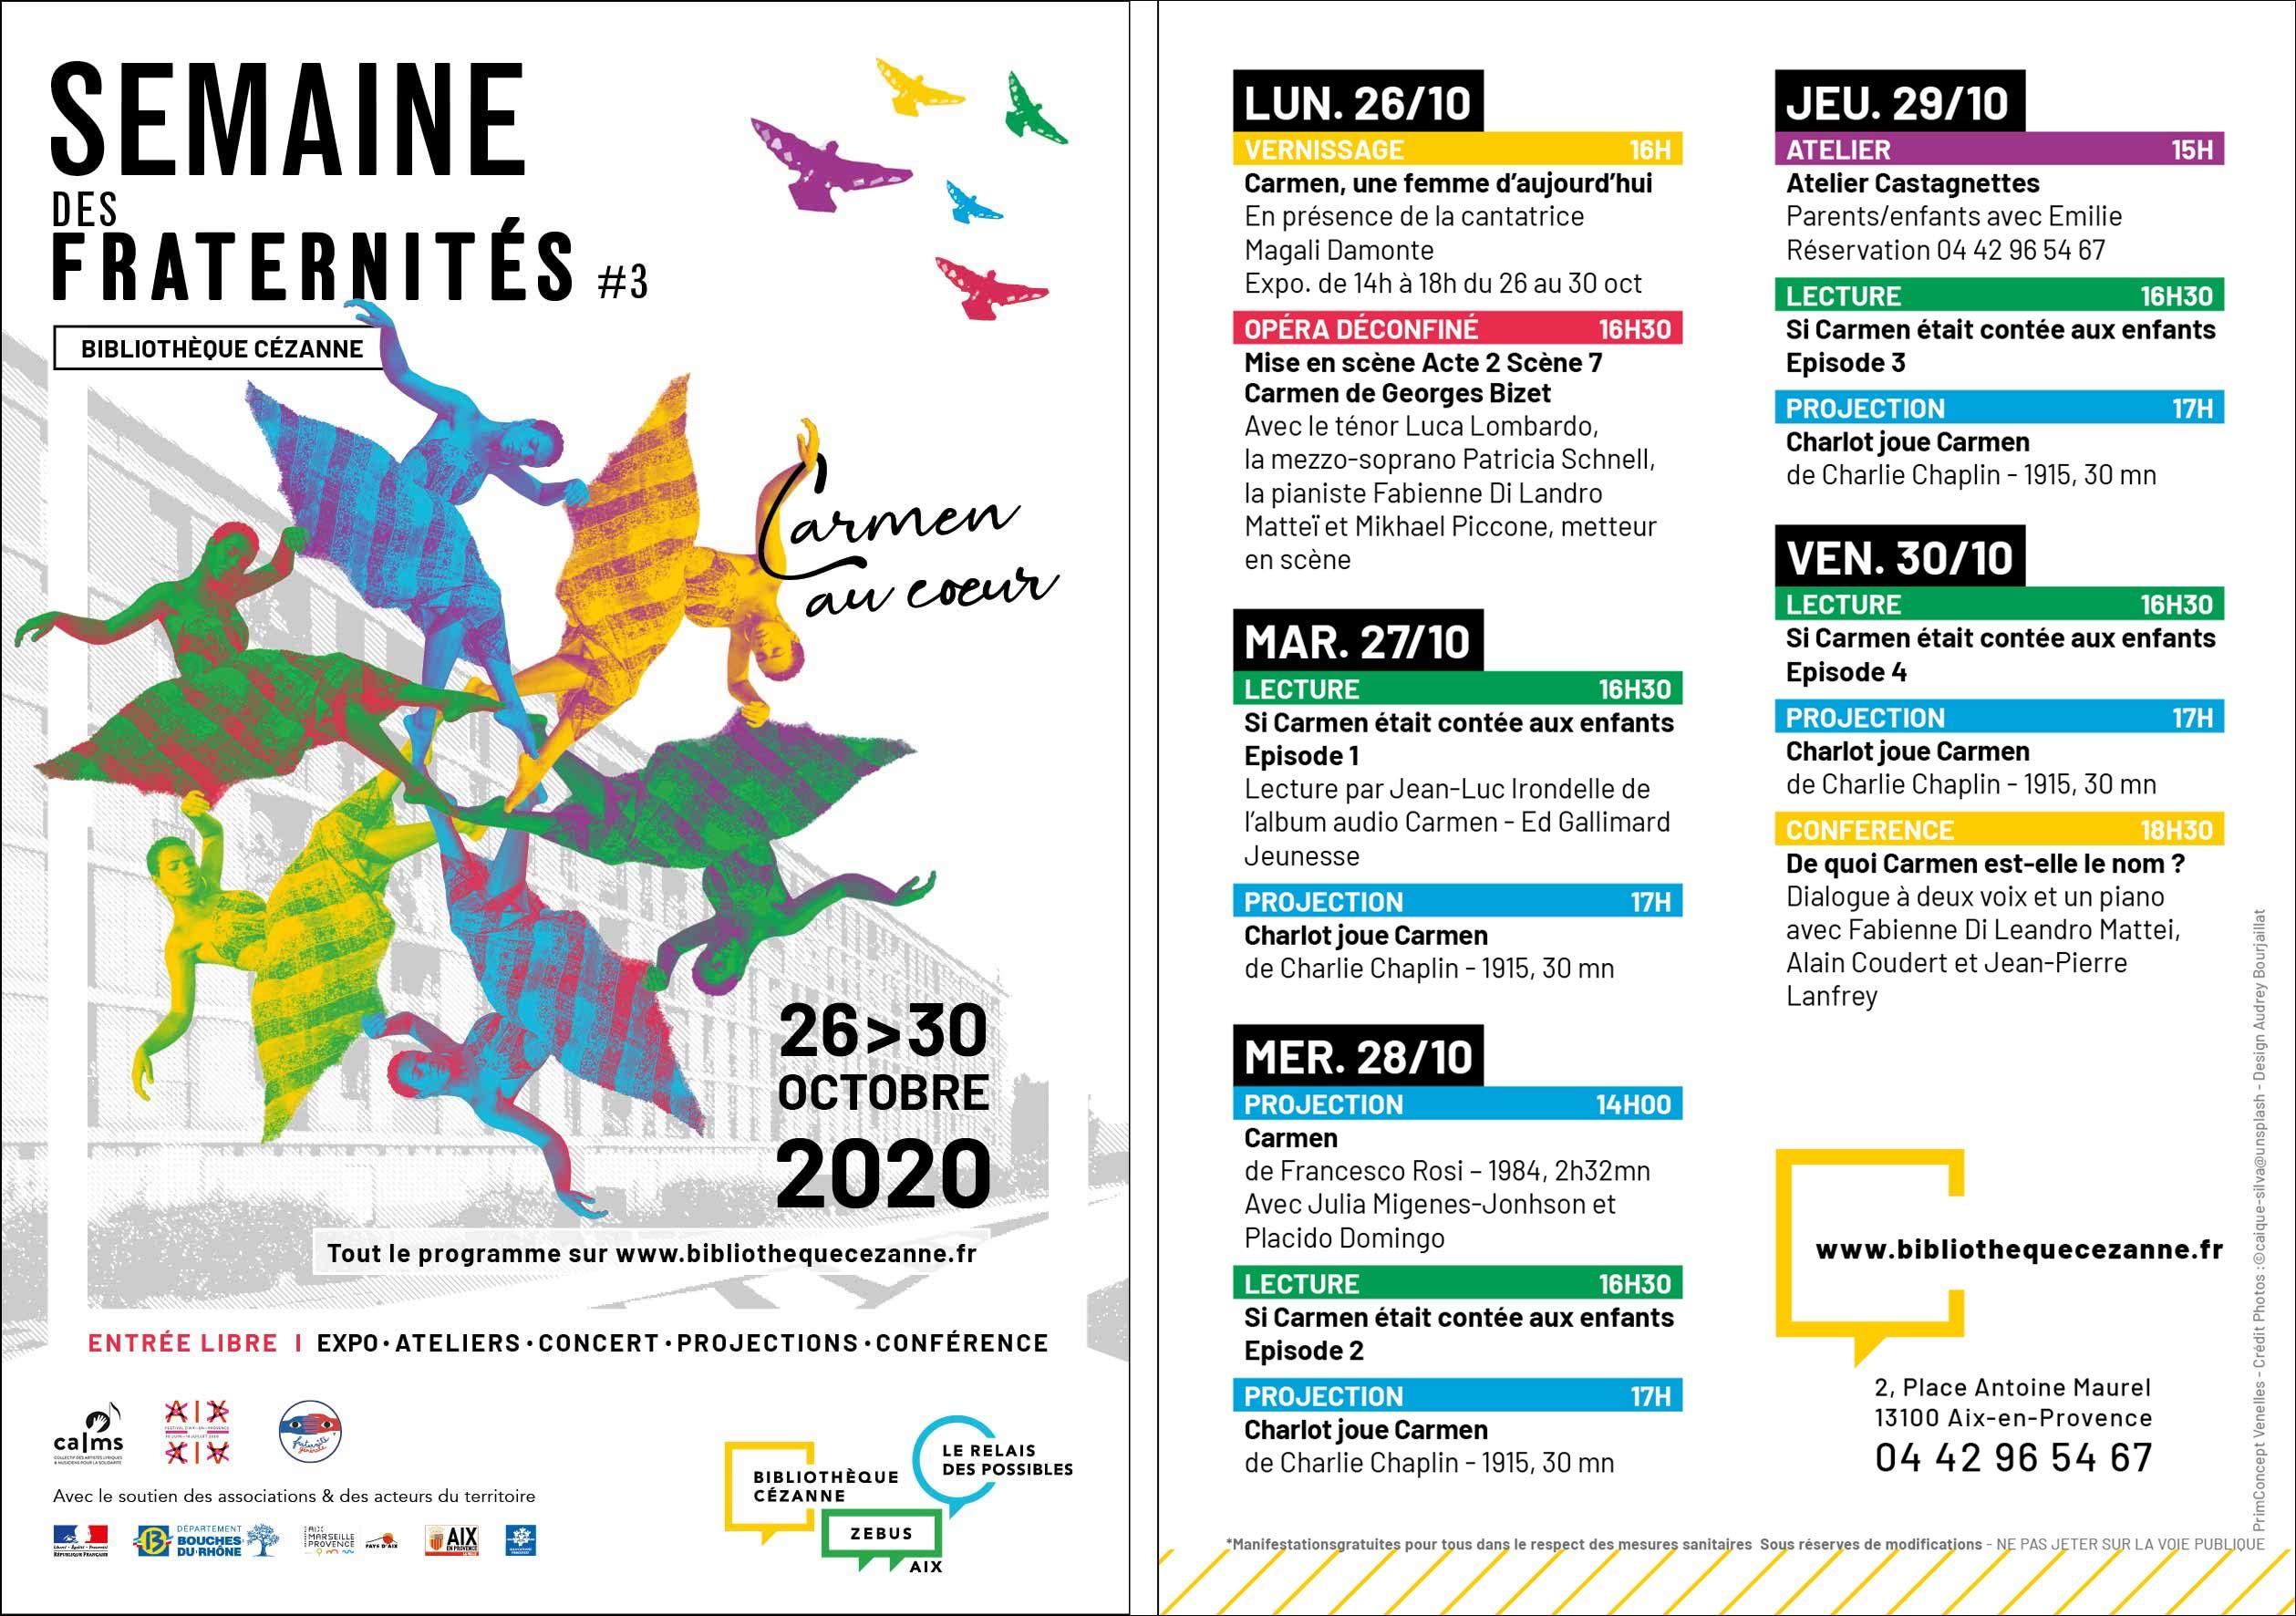 Carte-Programme-bibliotheque-cezanne-le-relais-des-possibles-ZeBus-semaine-des-fraternites-aix-2020